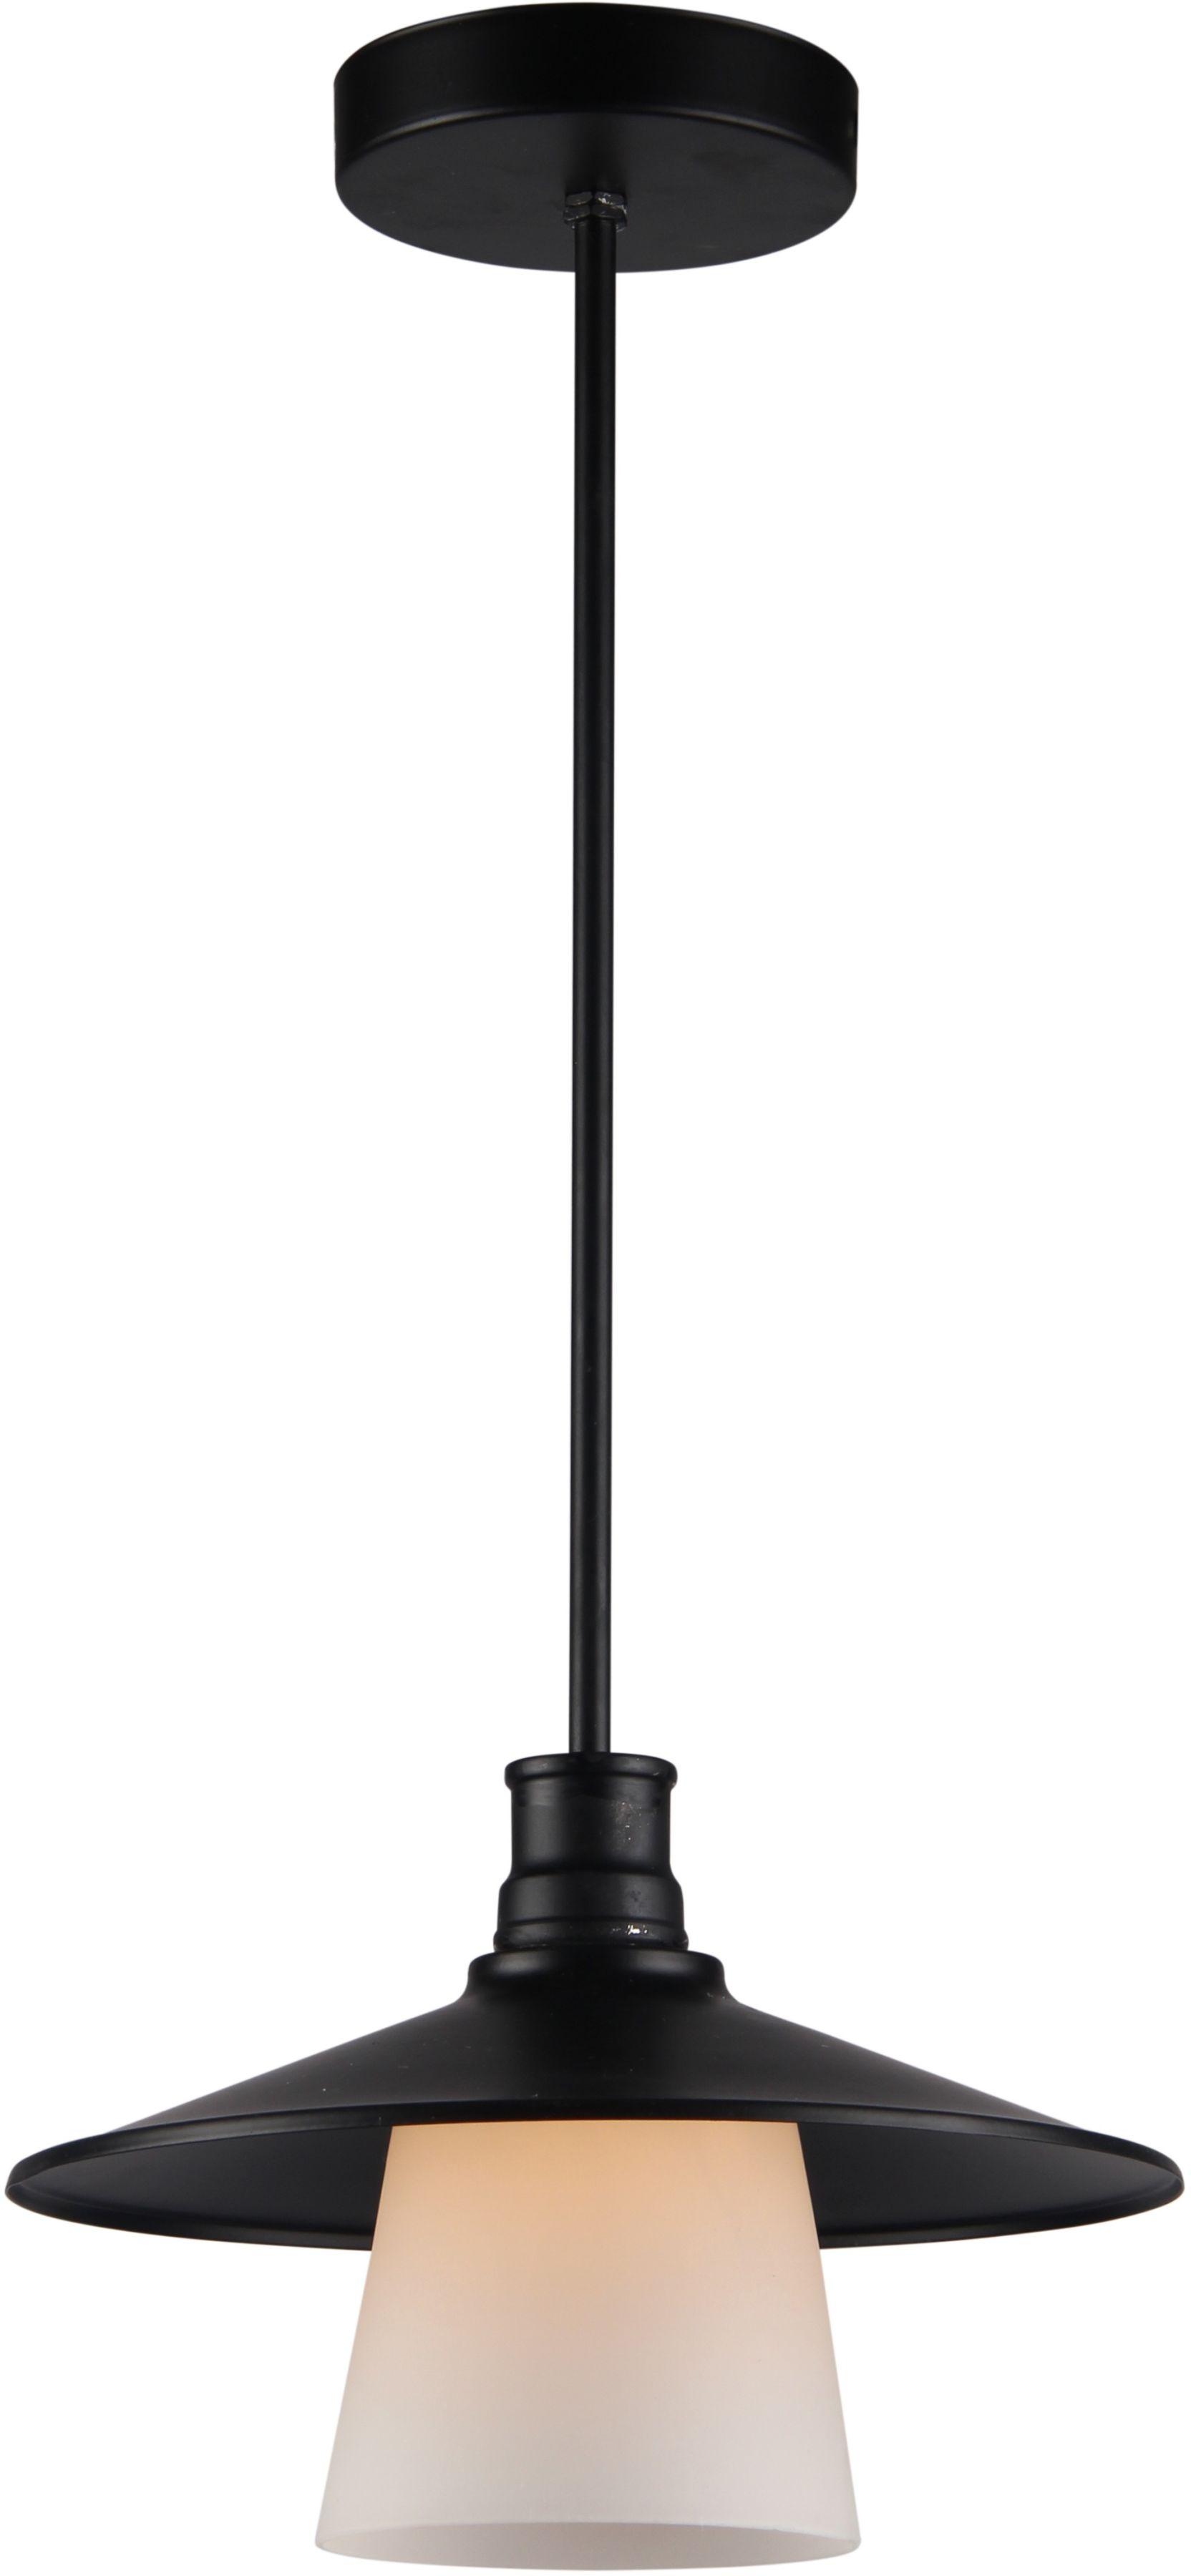 Loft lampa wisząca 1-punktowa 31-43108